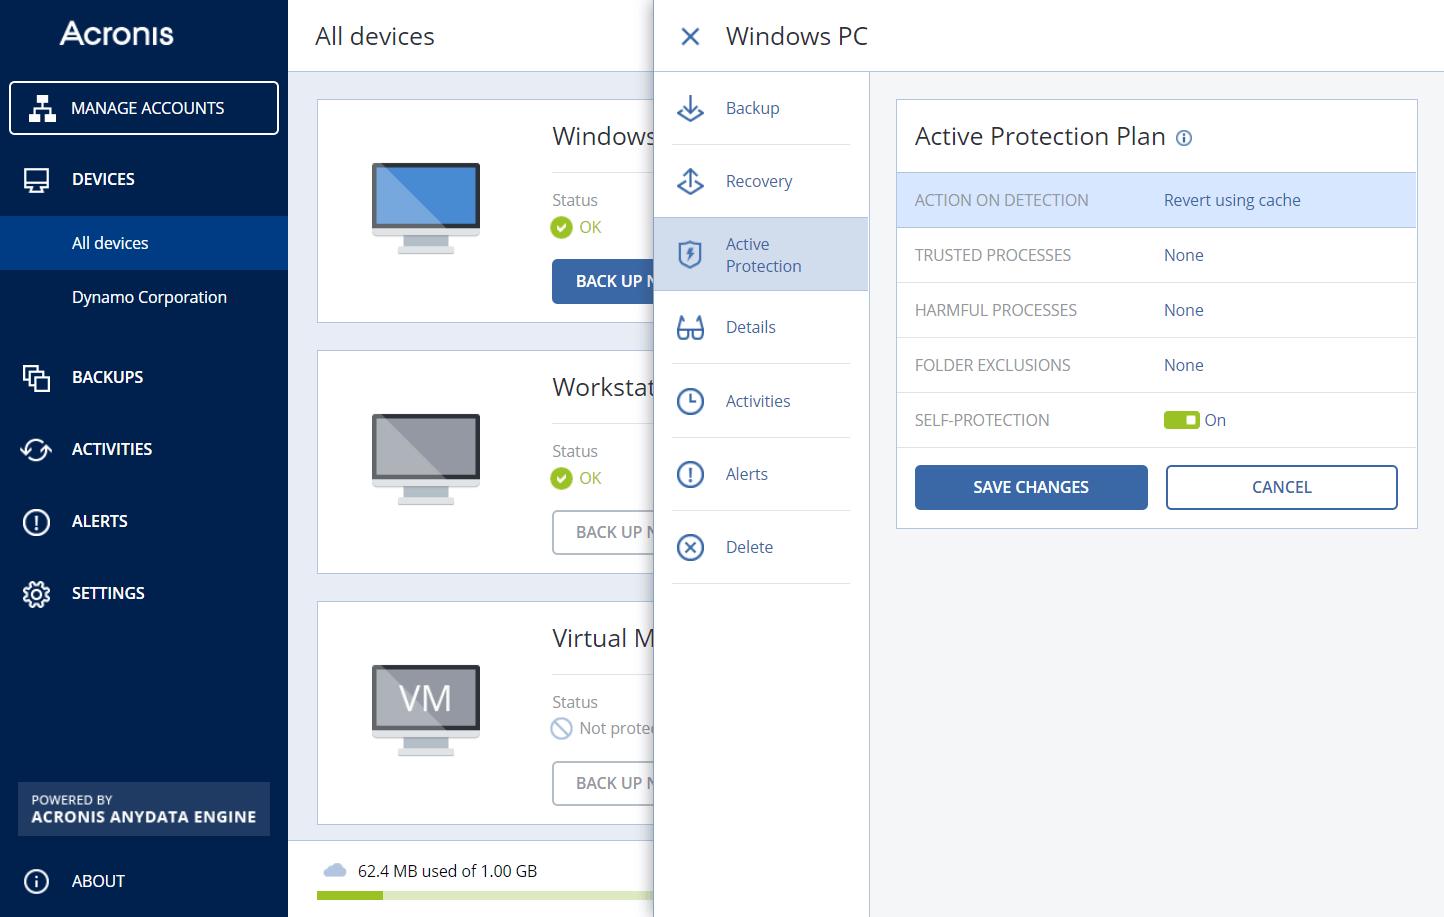 MicrosoftTeams-image (1)-7